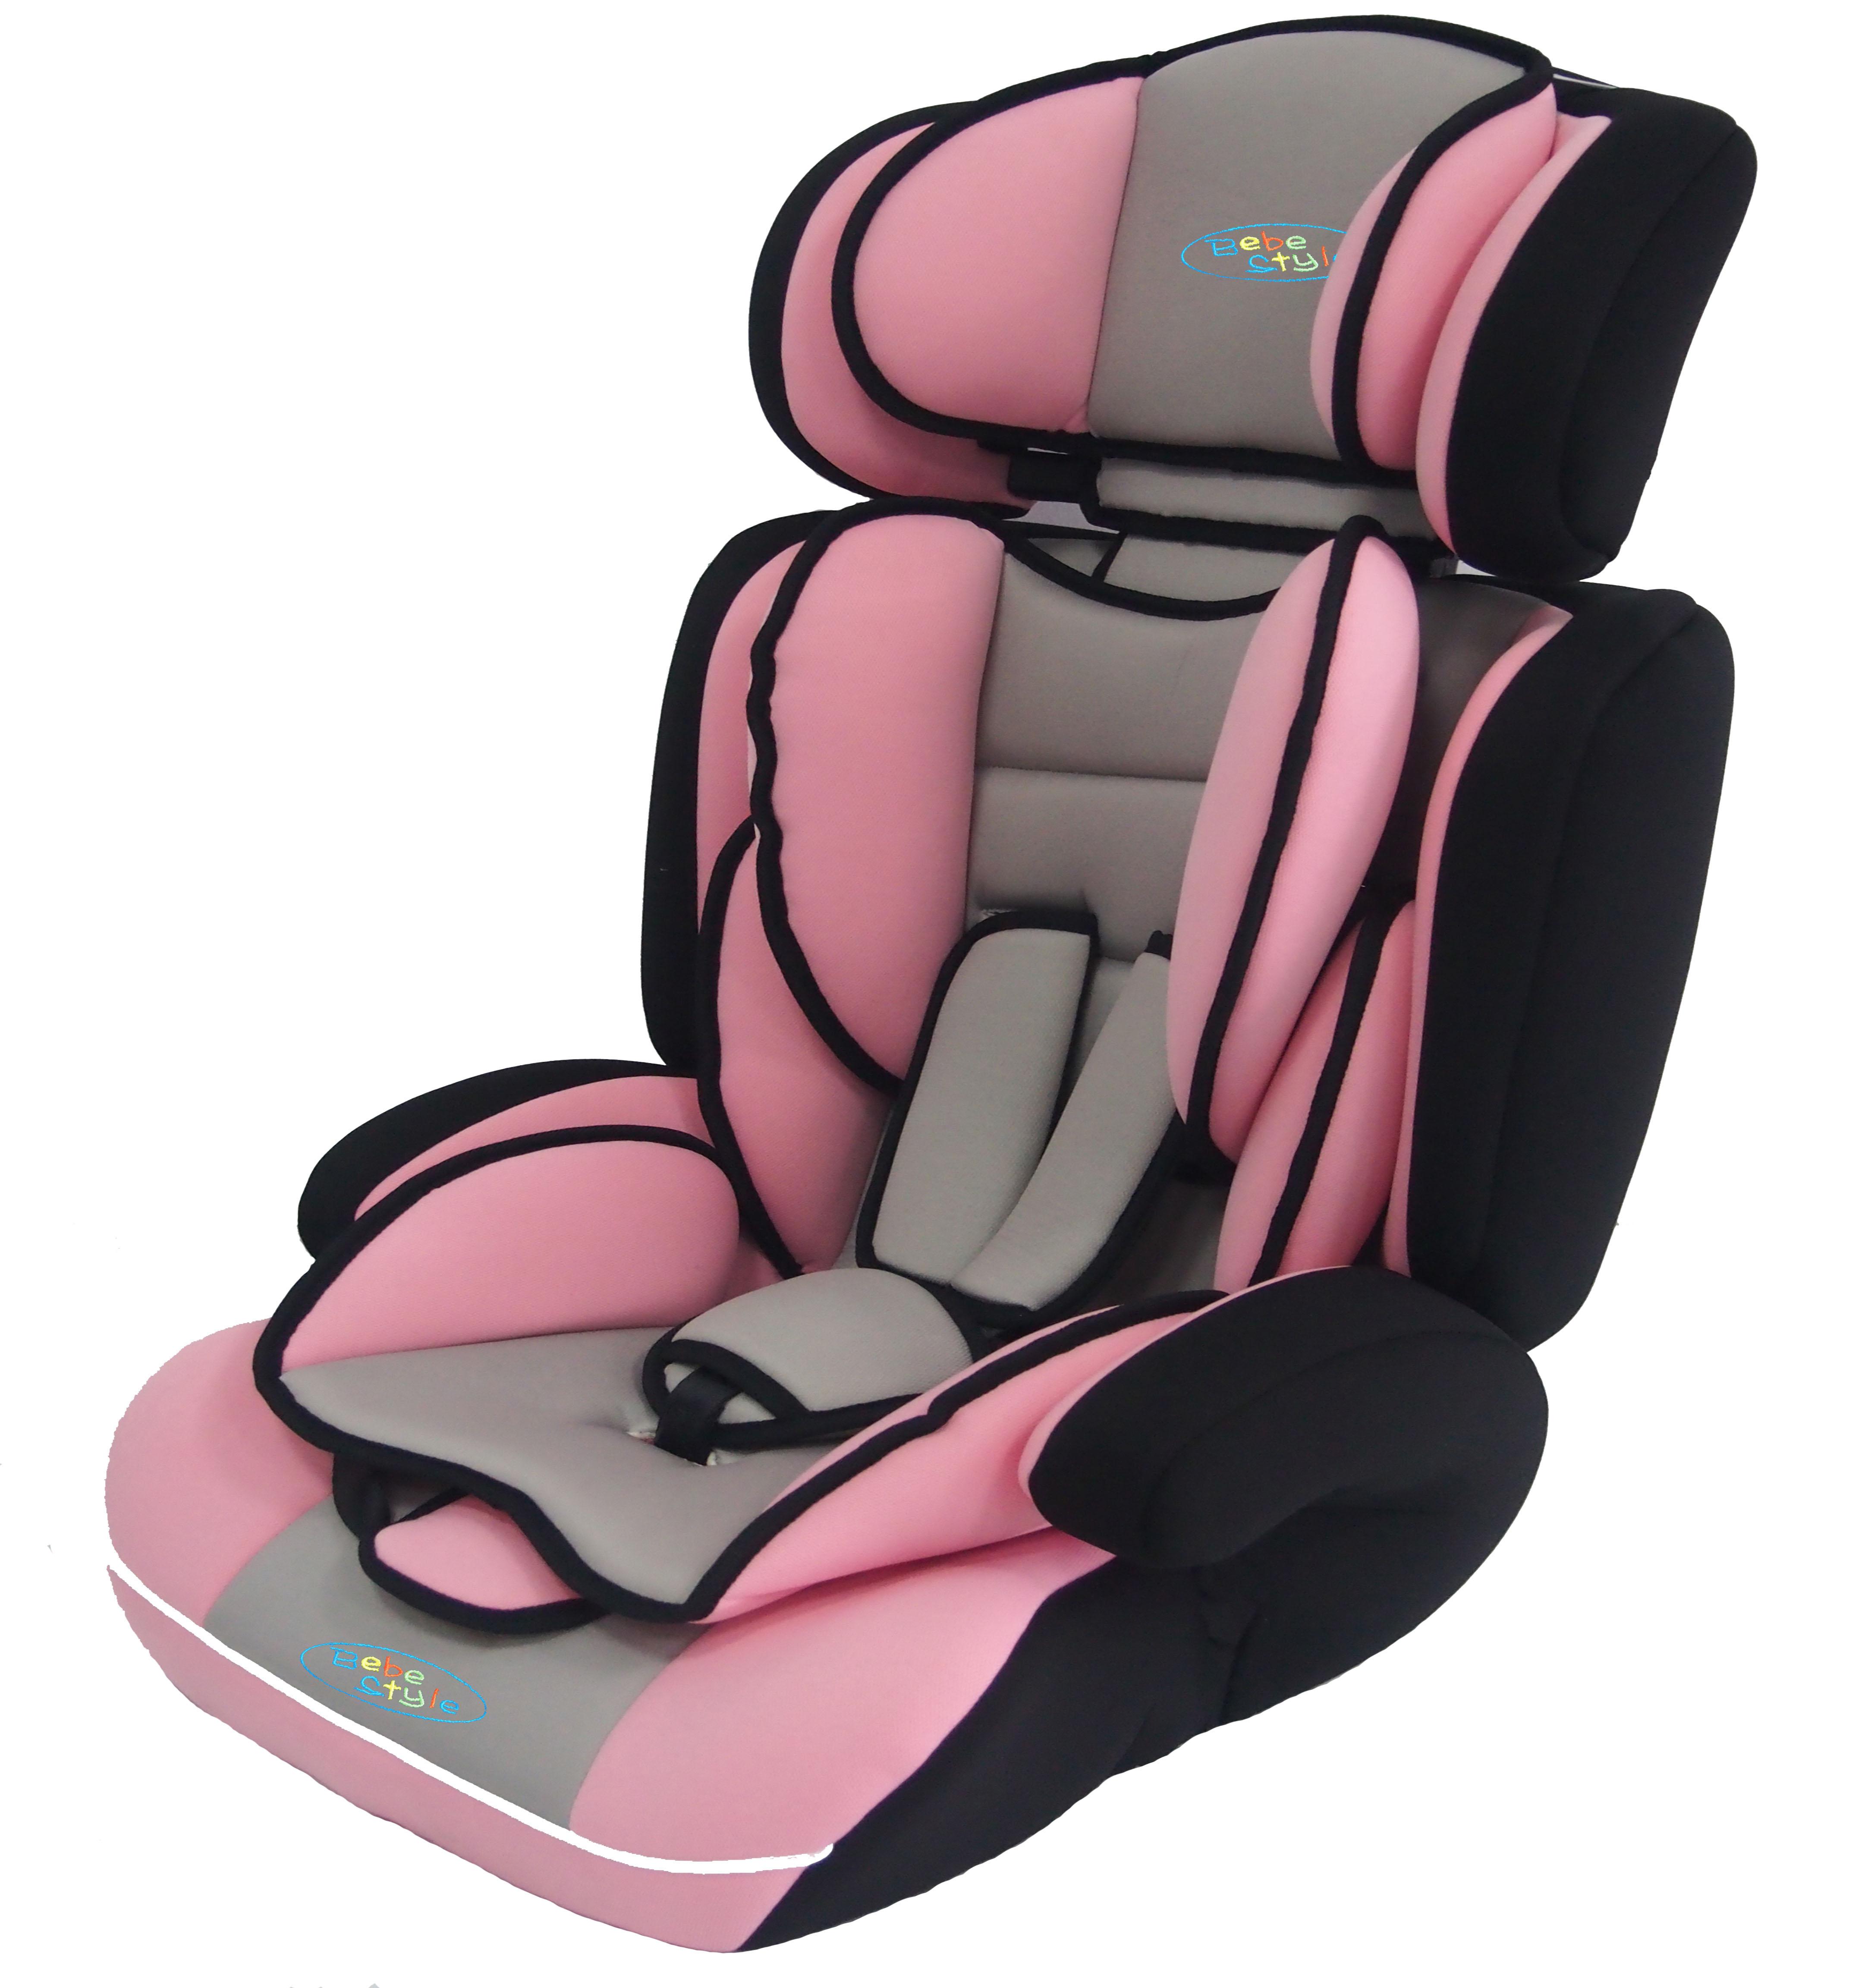 child car seat pink bebe style. Black Bedroom Furniture Sets. Home Design Ideas